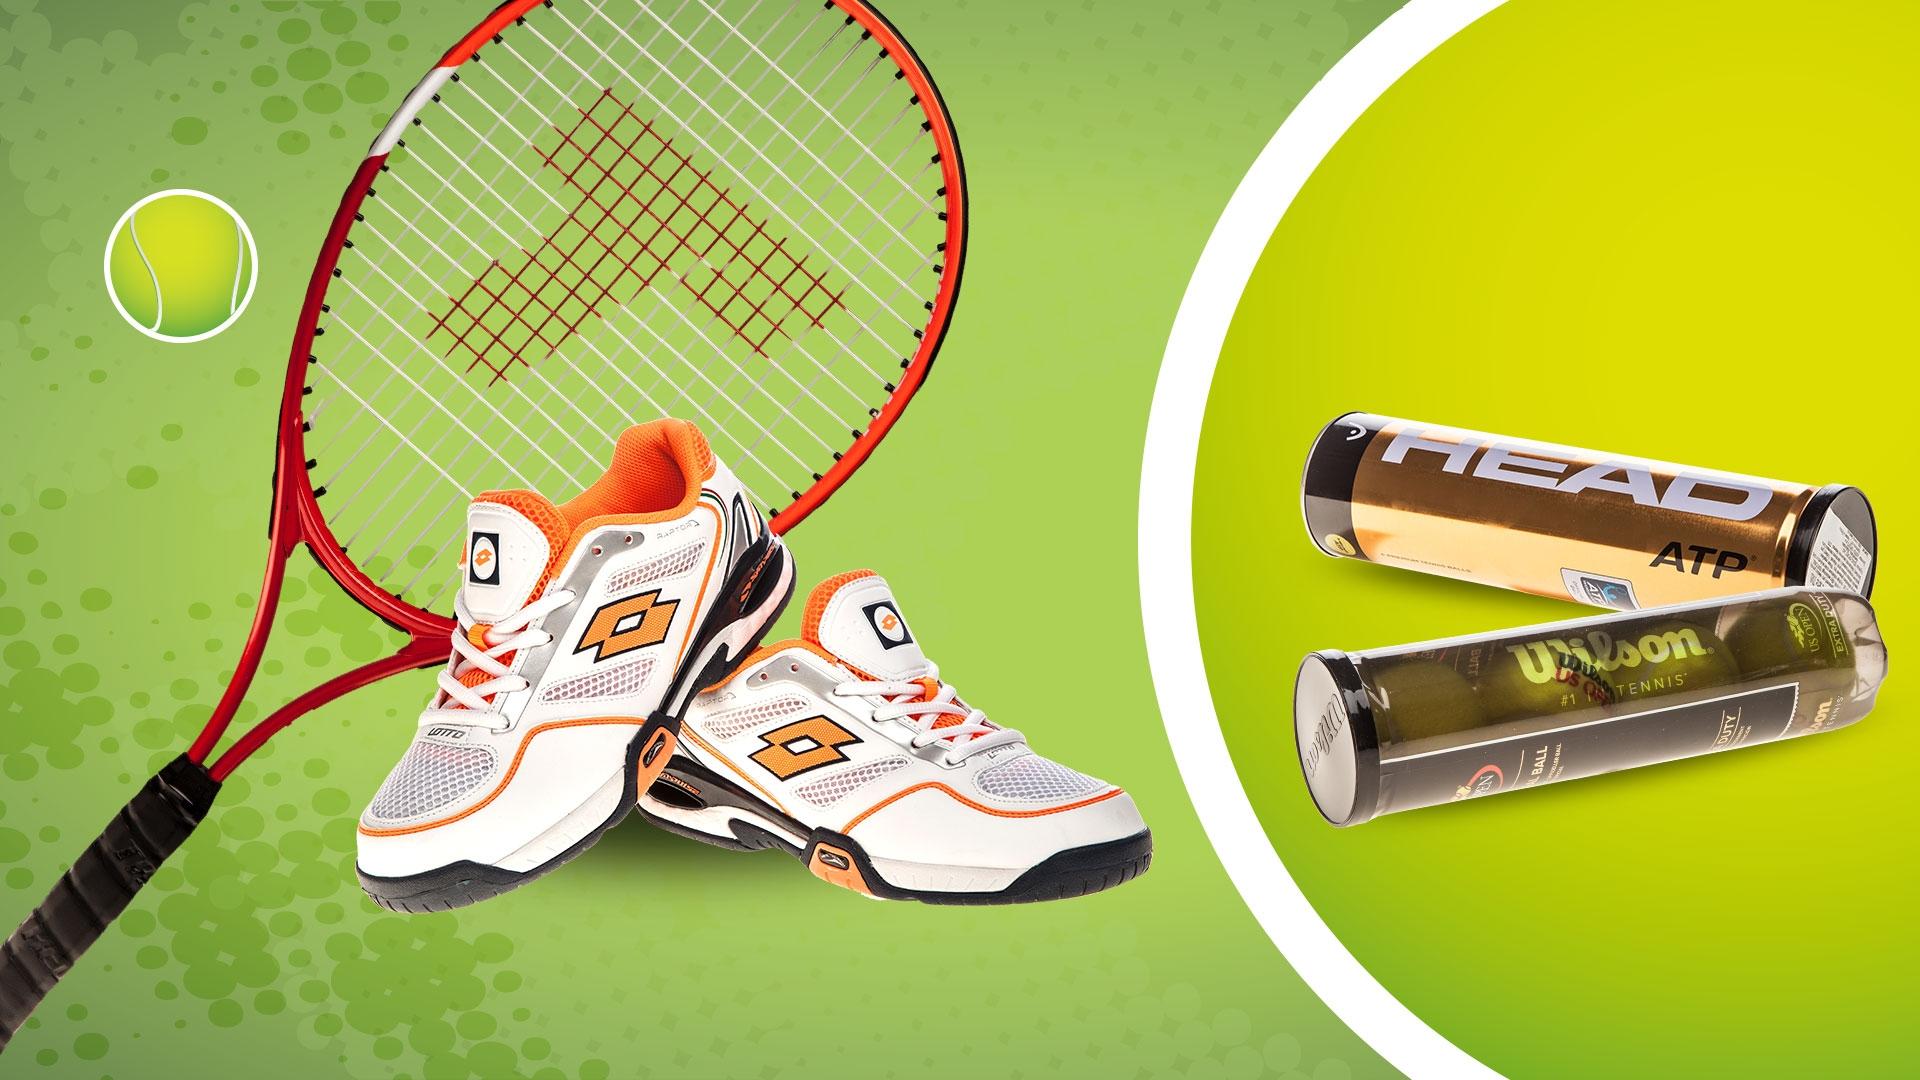 Dětský tenisový set